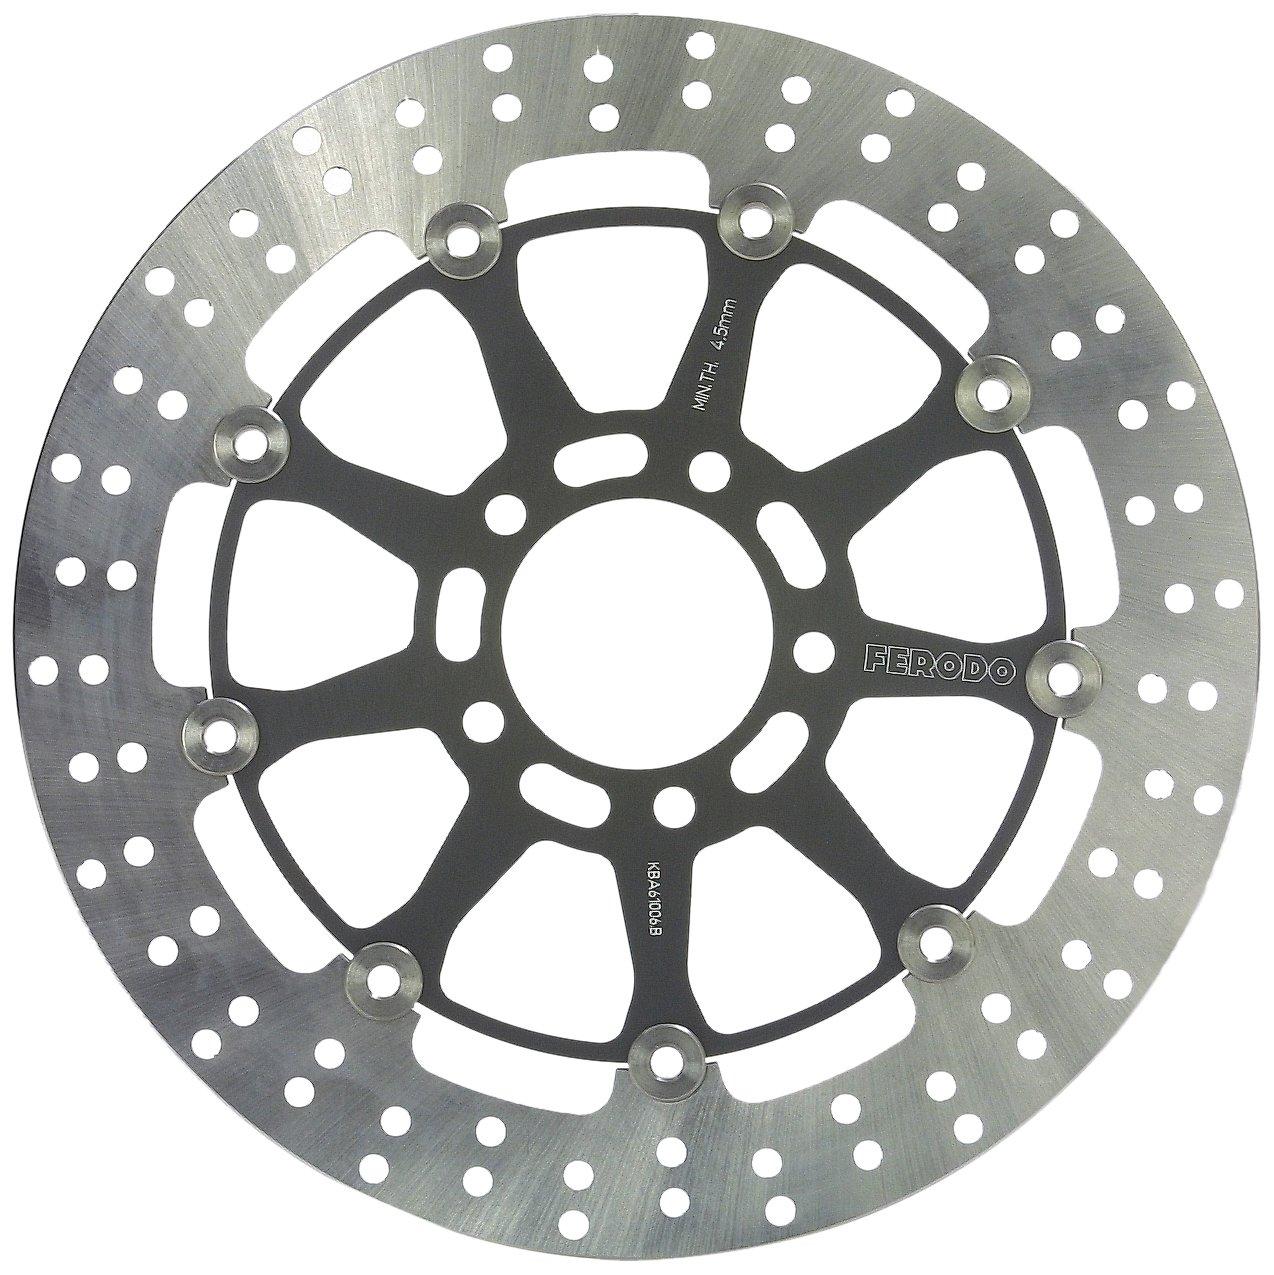 3b15632313521 Amazon.fr : Ferodo Disque de frein fmd0412rx (disques de frein moto ...